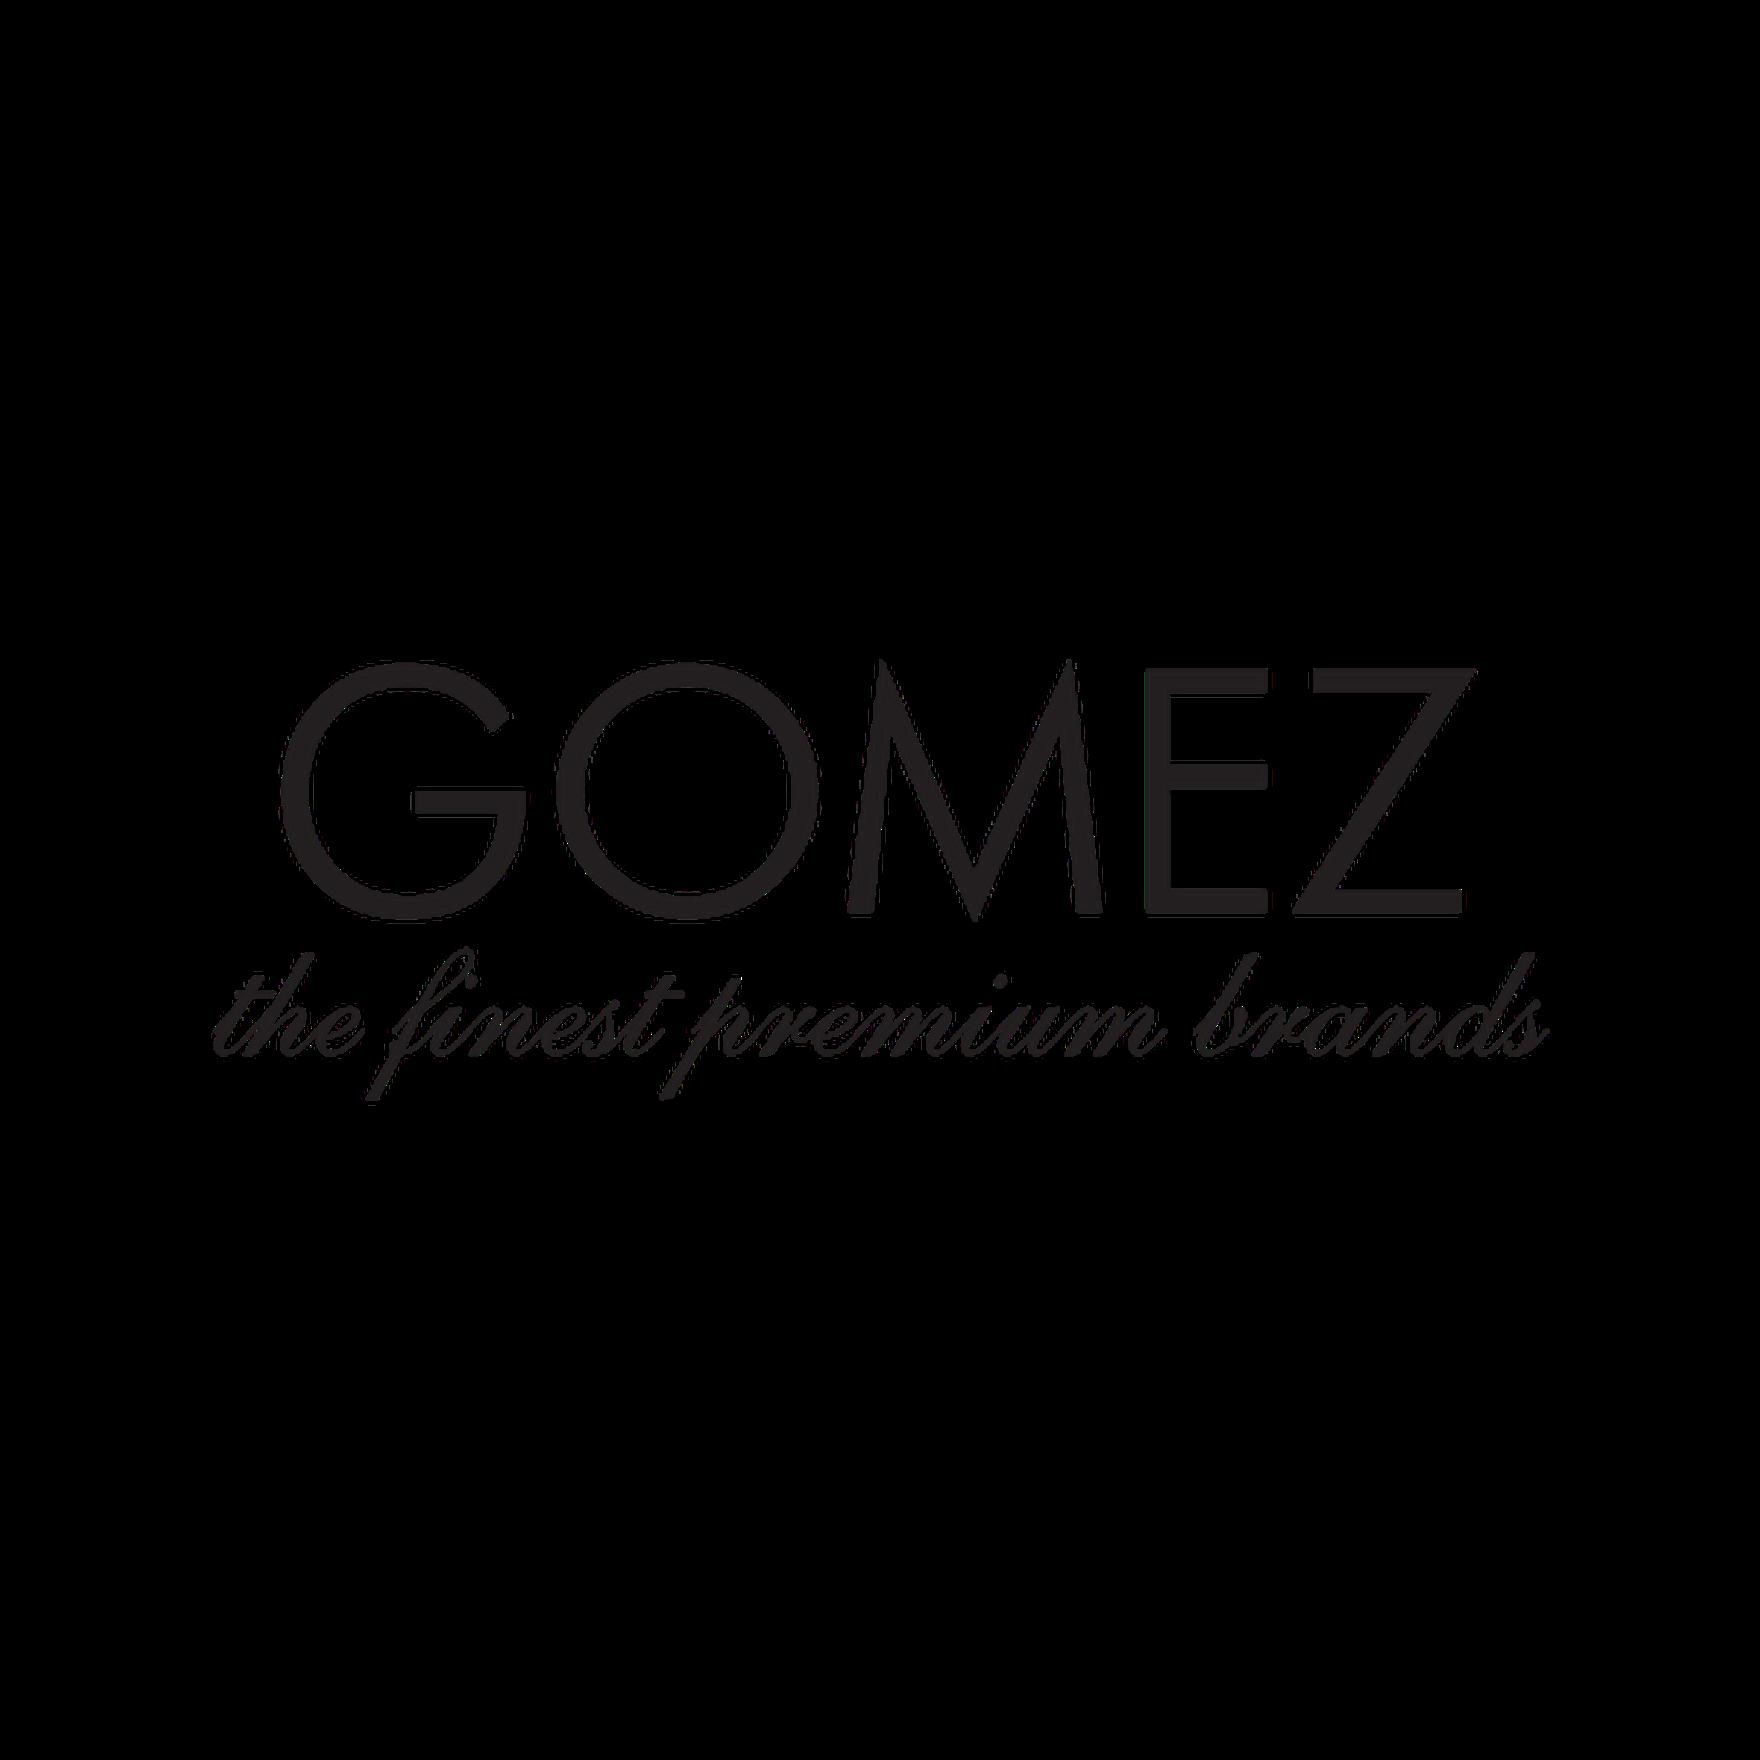 Gomez.pl